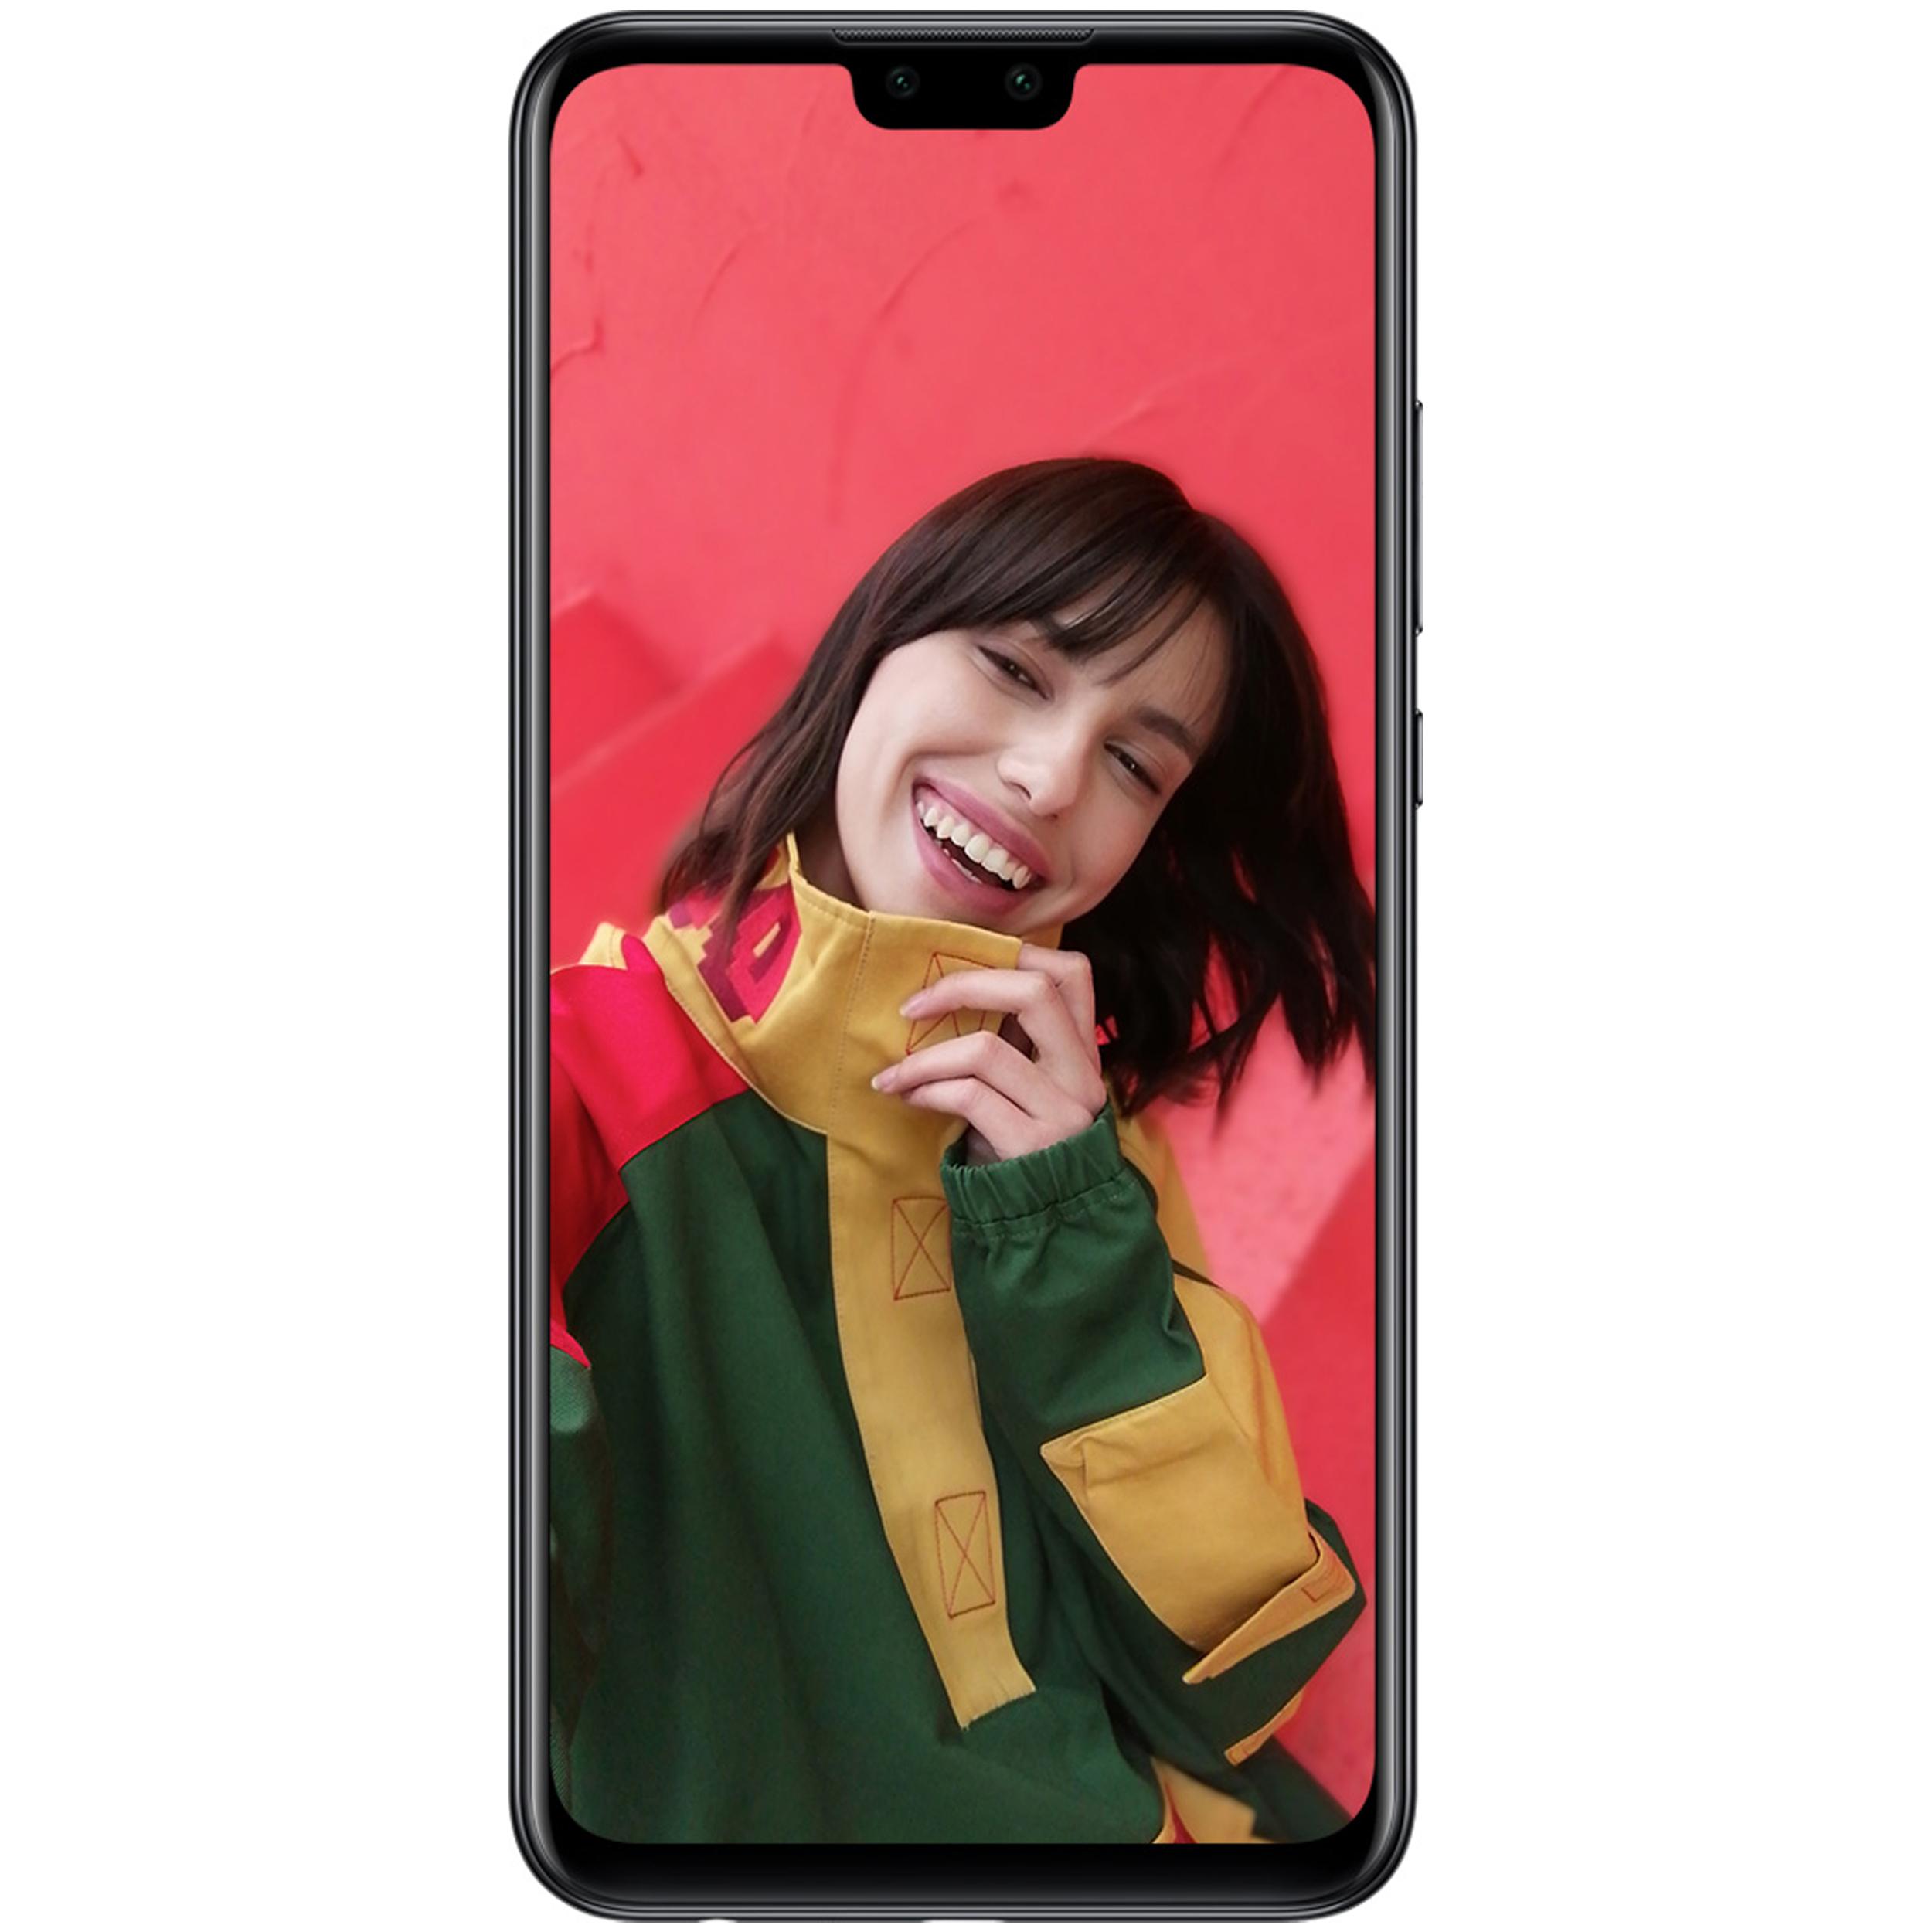 گوشی موبایل هوآوی مدل Y8s JKM-LX1 دو سیم کارت ظرفیت 64 گیگابایت - طرح قیمت شگفت انگیز